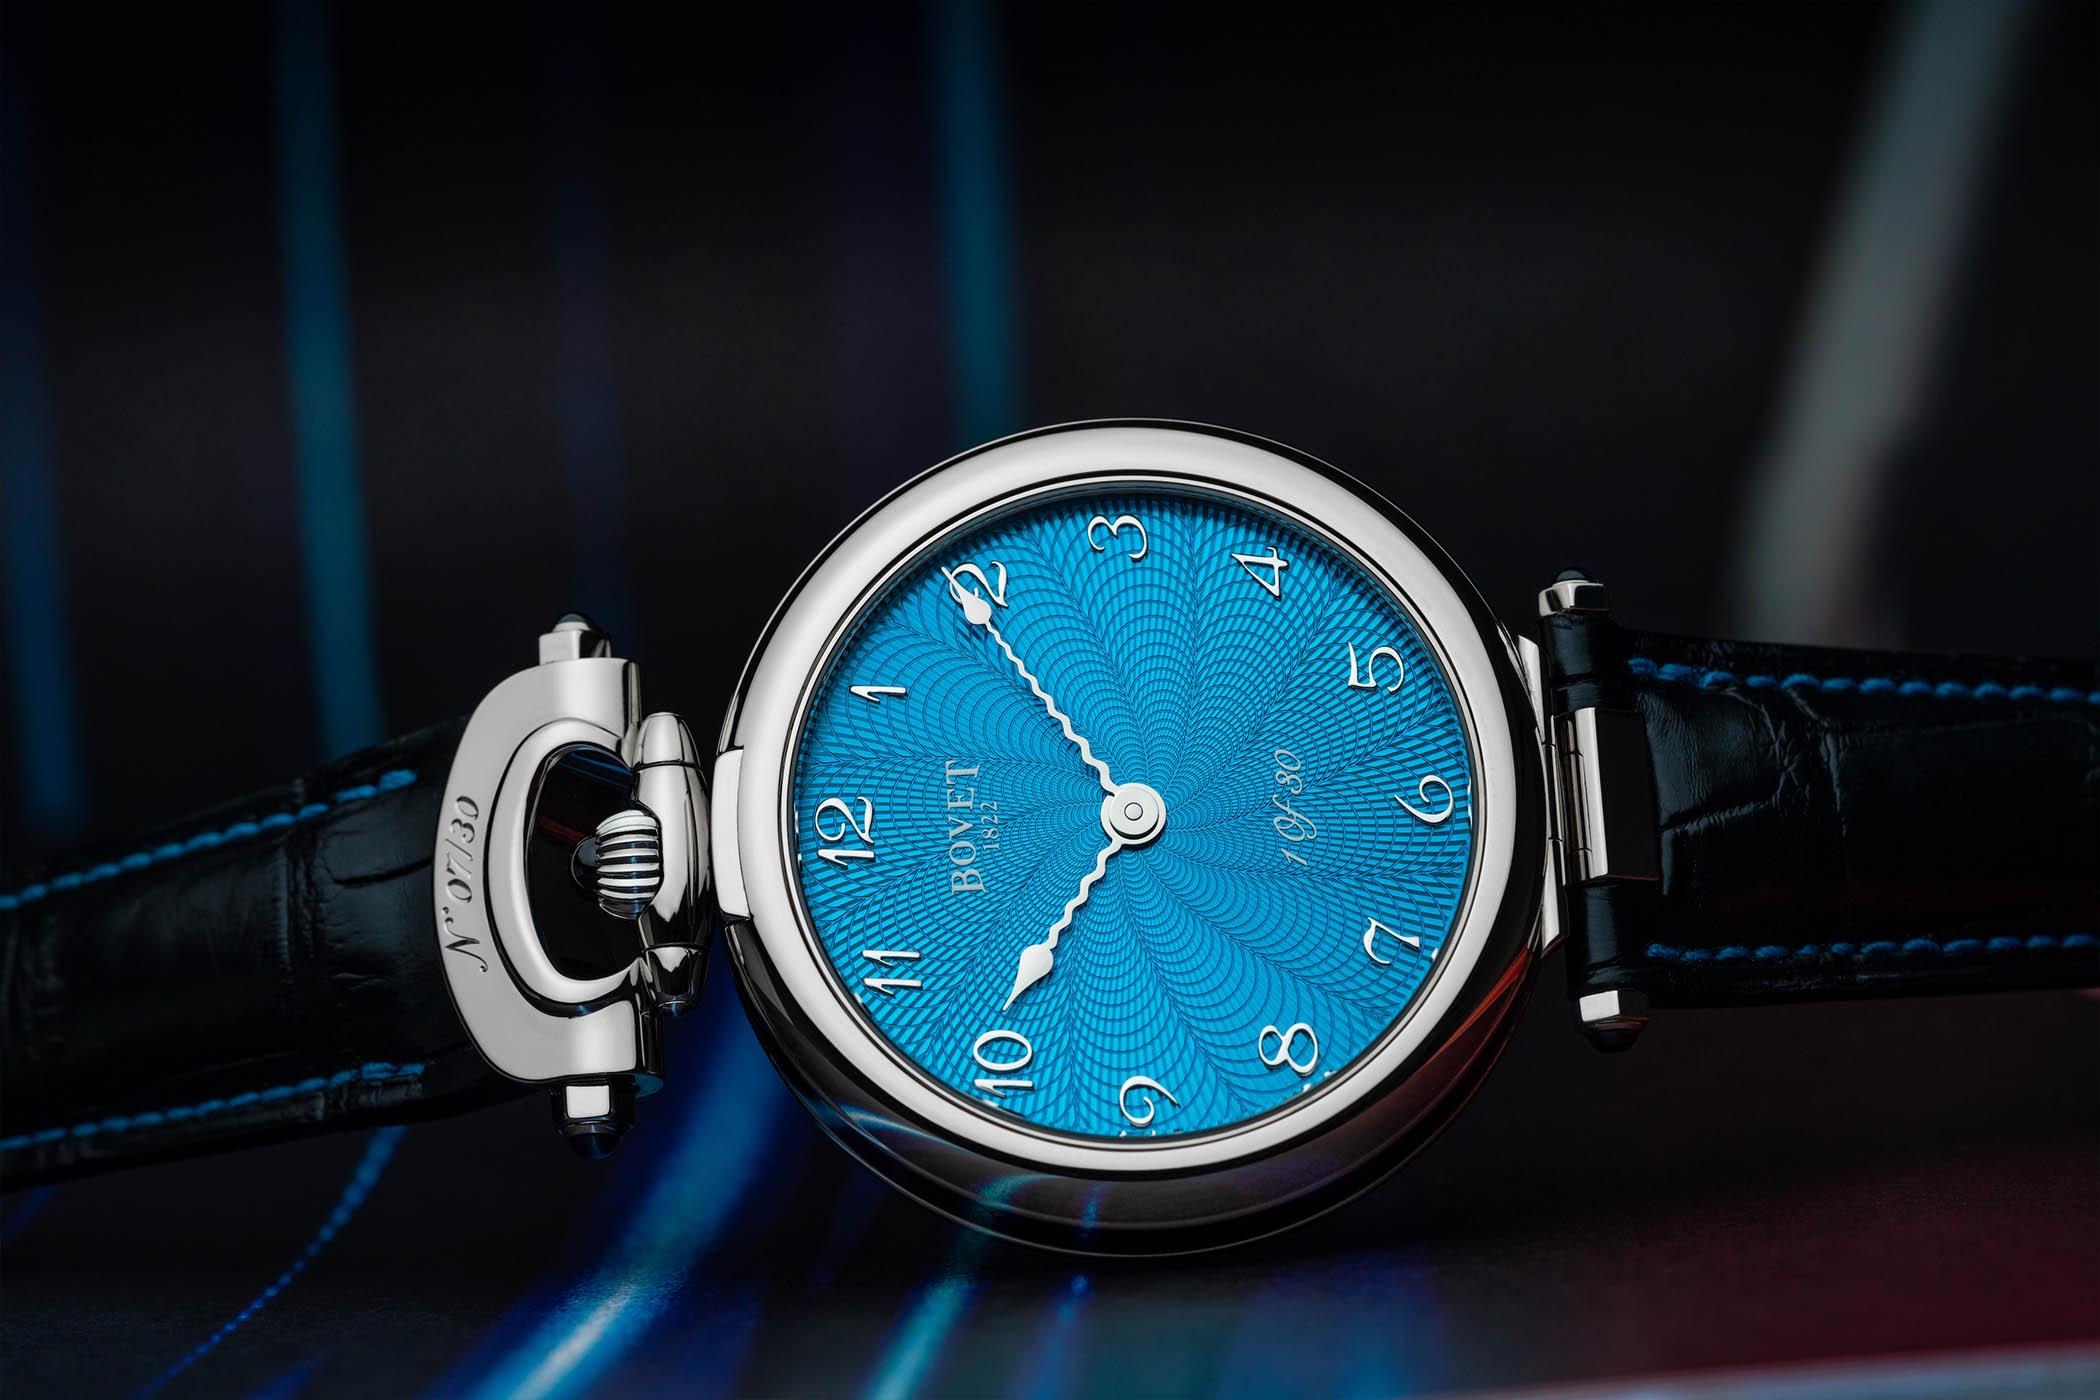 Bovet Monsieur Bovet Turquoise Guilloche Dial 2021